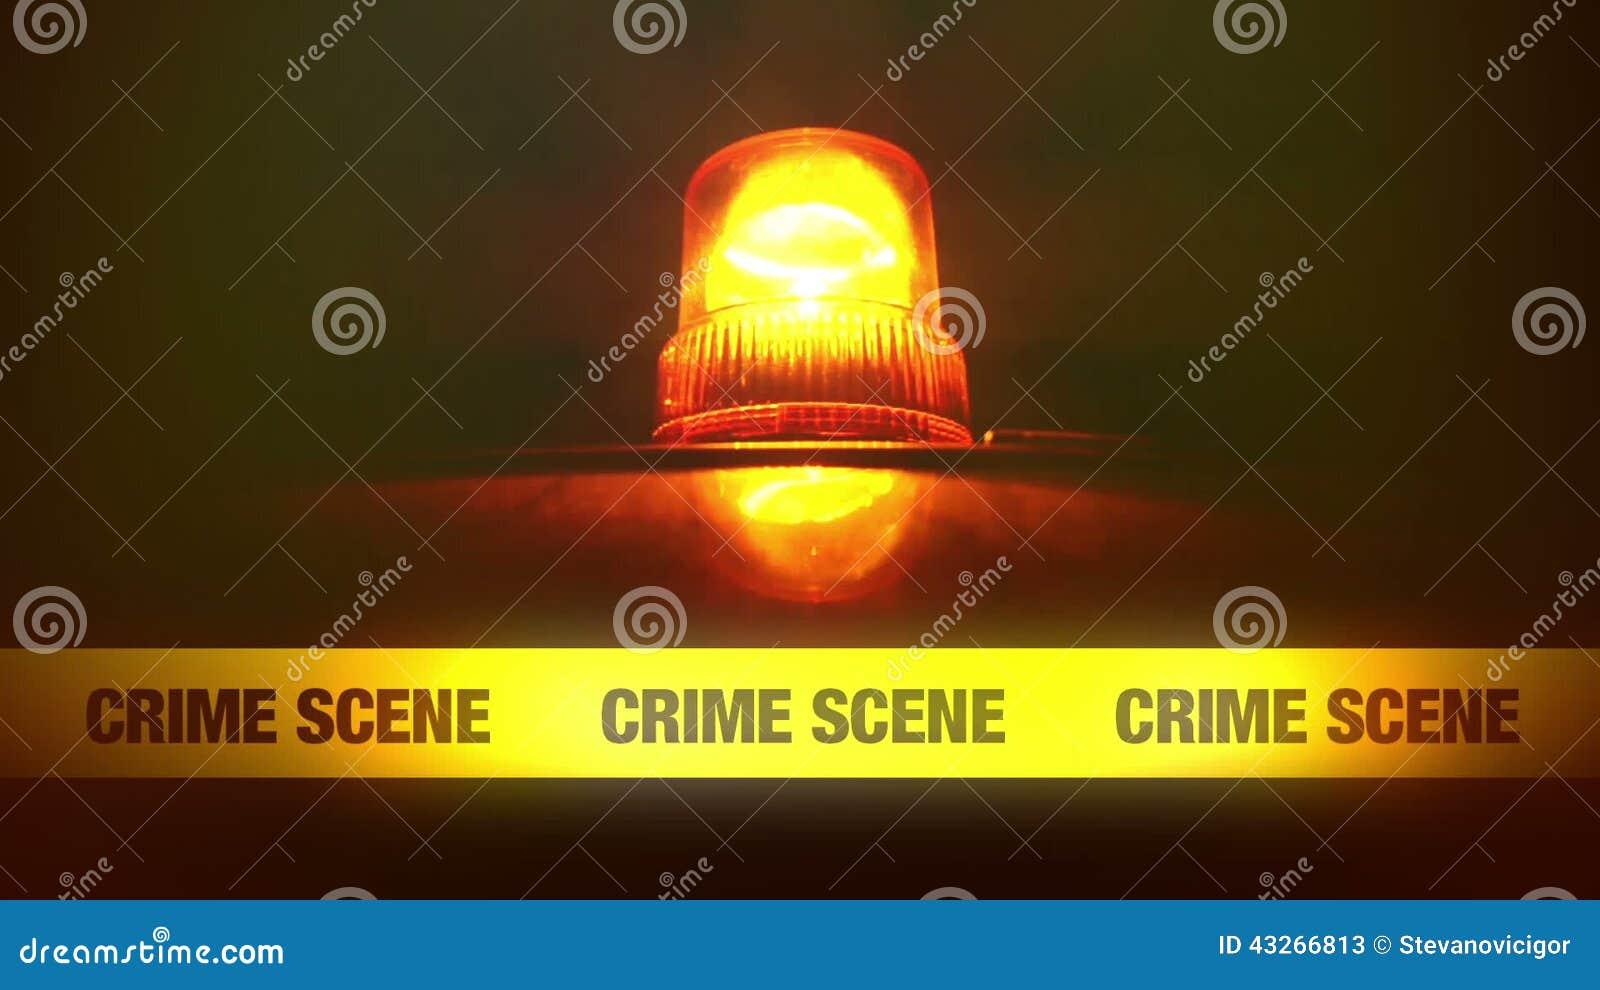 8e0f9d91f Fita Amarela Da Faixa Da Cena Do Crime E Luz De Piscamento E Revolvendo  Alaranjada Fita Da Polícia Da Cena De Assassinato Video Estoque - Vídeo de  girar